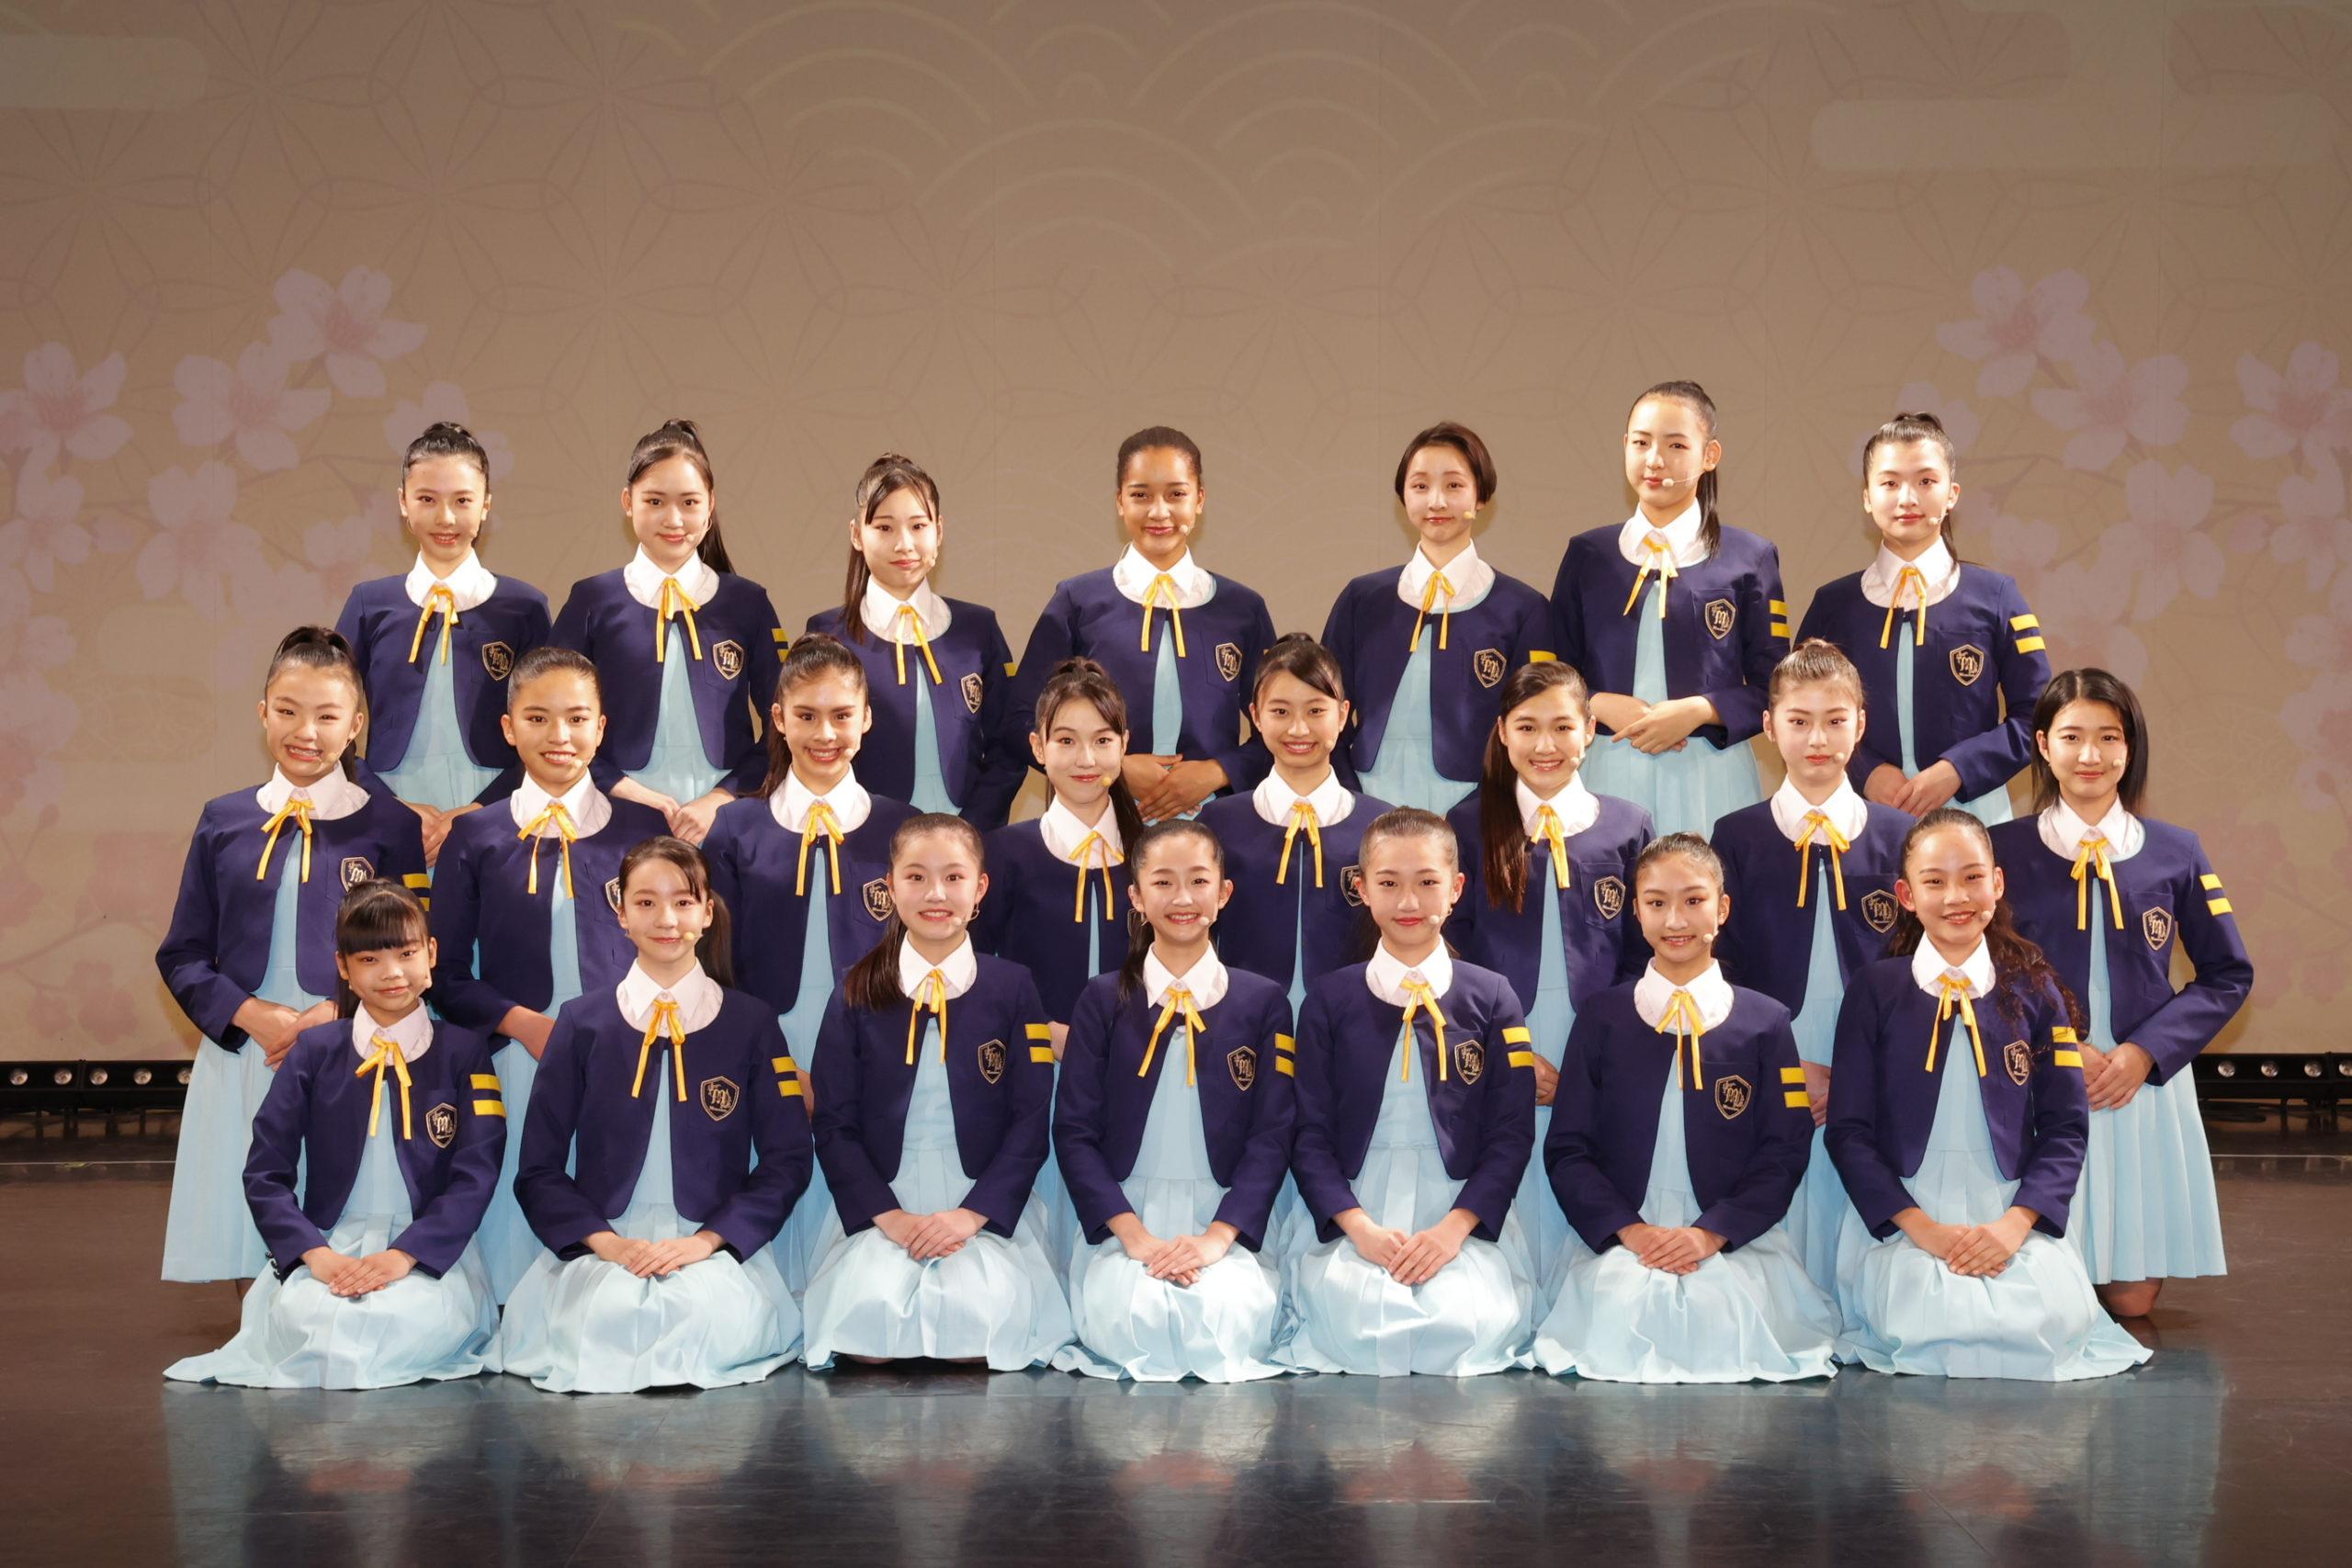 少女歌劇団ミモザーヌ、第1回オンライン公演「Begin〜始まりの歌~」©少女歌劇団ミモザーヌ